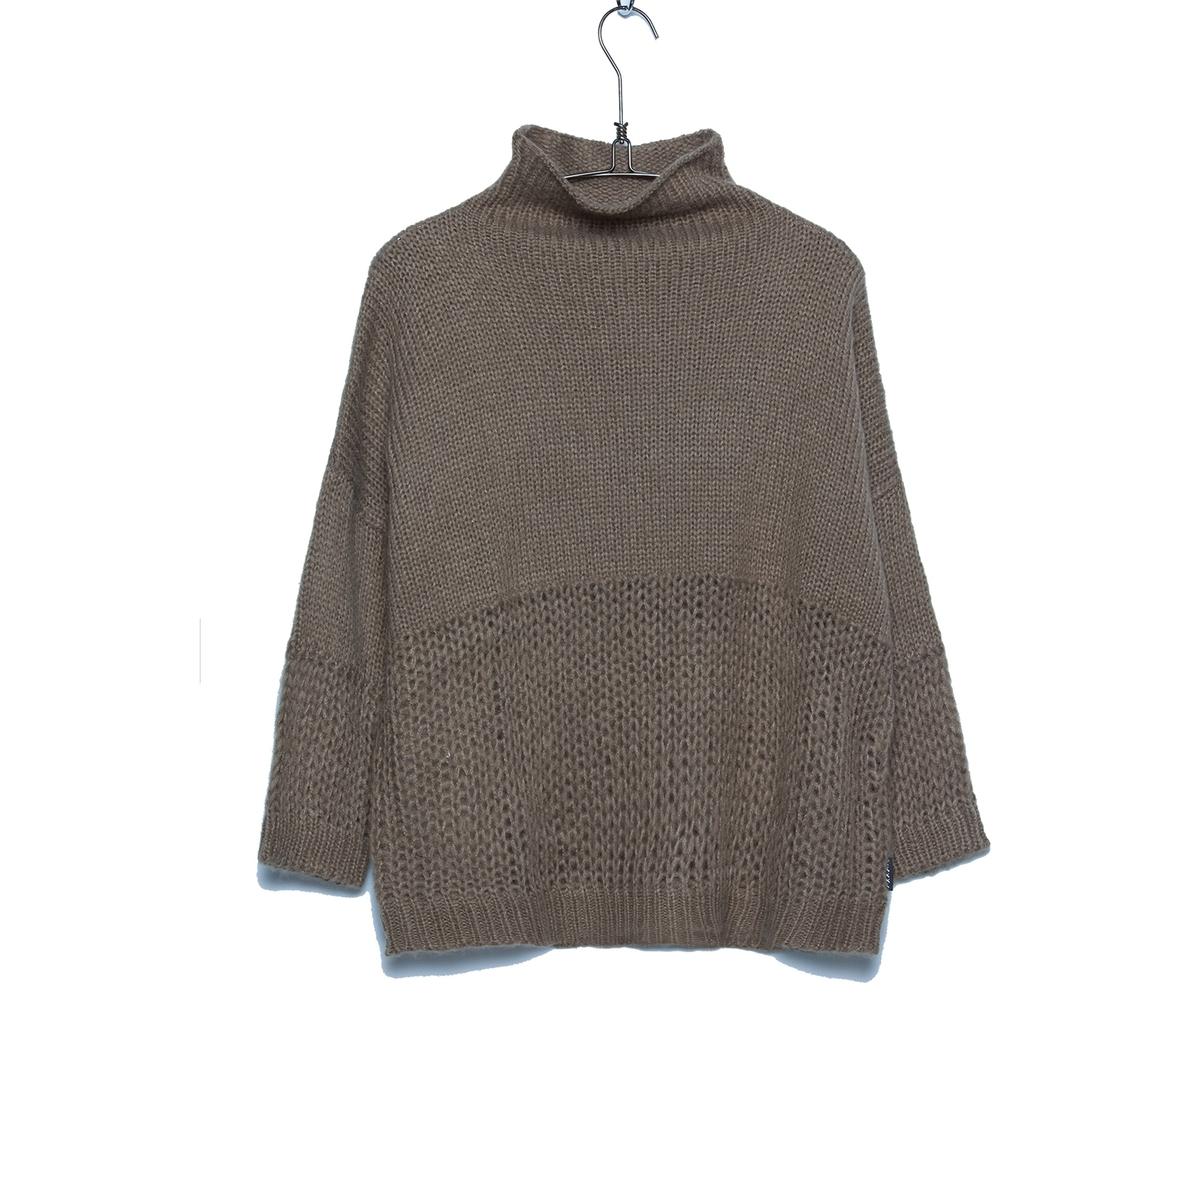 Пуловер с высоким воротником - PRISMAПуловер - PRISMA. Высокий воротник. Ажурная вставка под грудью.           Состав и описаниеМатериал: 97% акрила, 3% шерсти.     Марка: SCHOOL RAG.<br><br>Цвет: хаки,черный<br>Размер: M